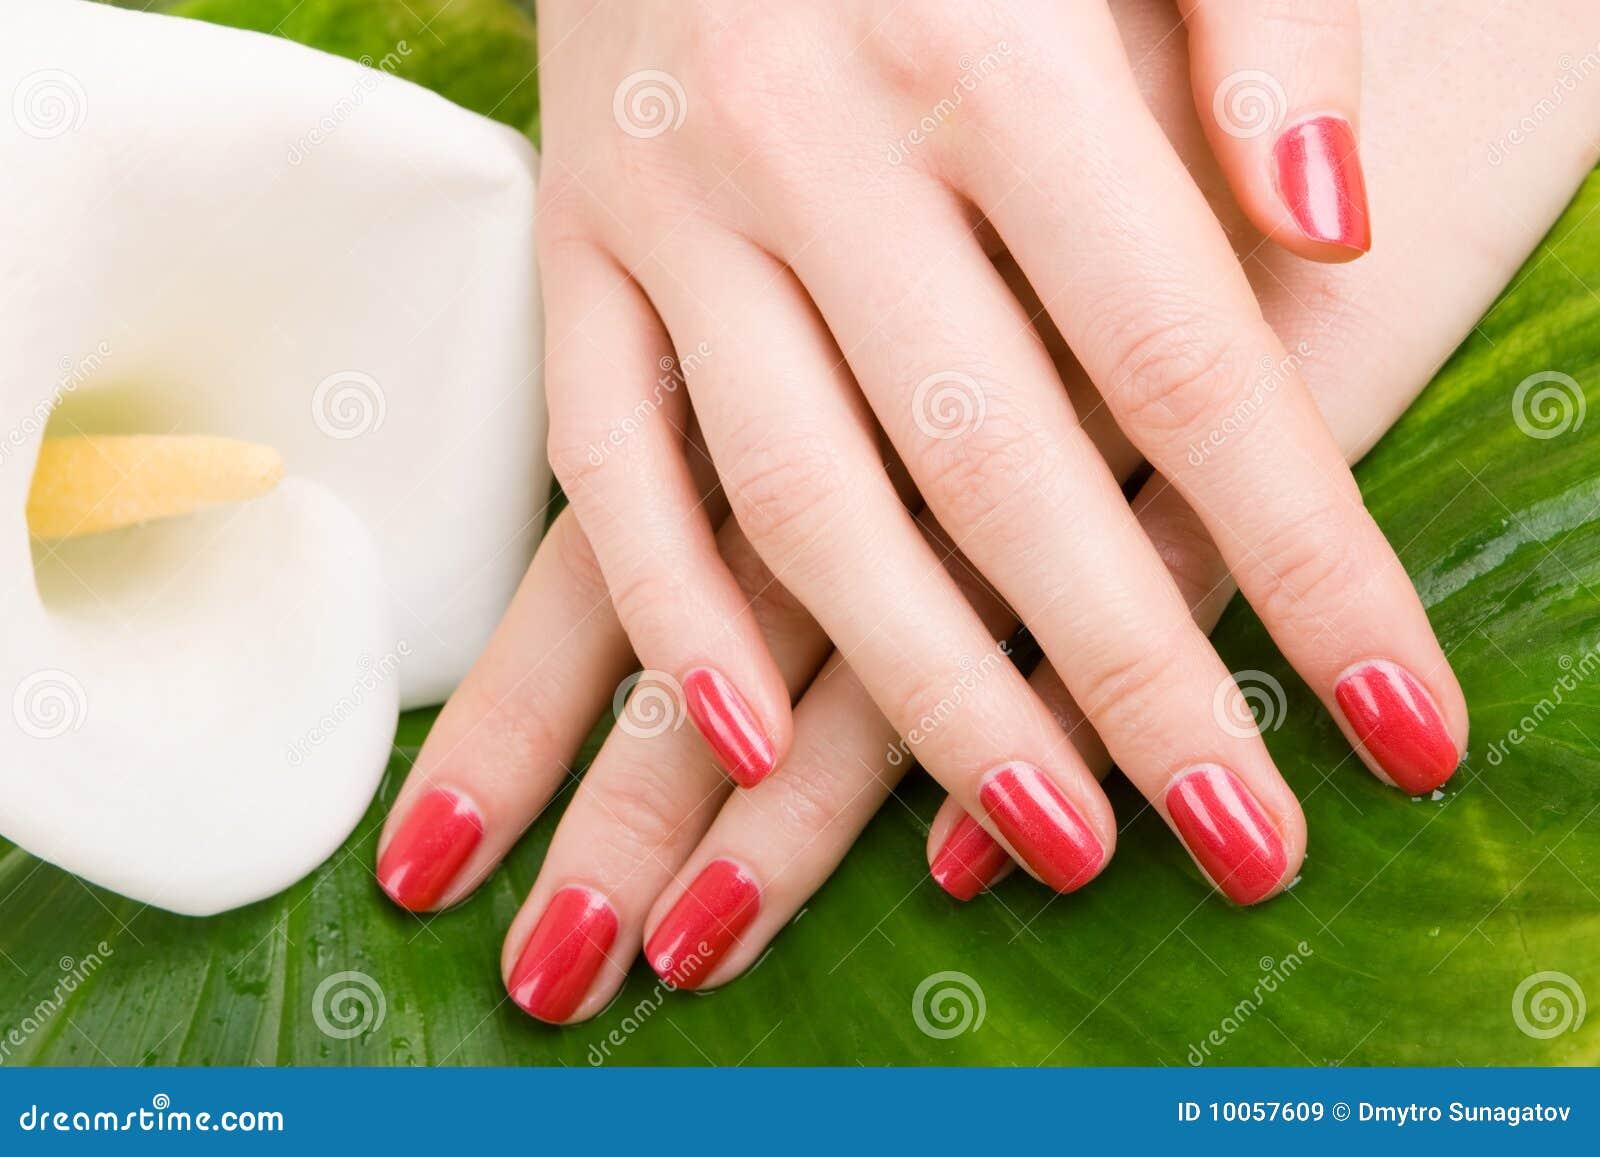 Omsorg hands kvinnan